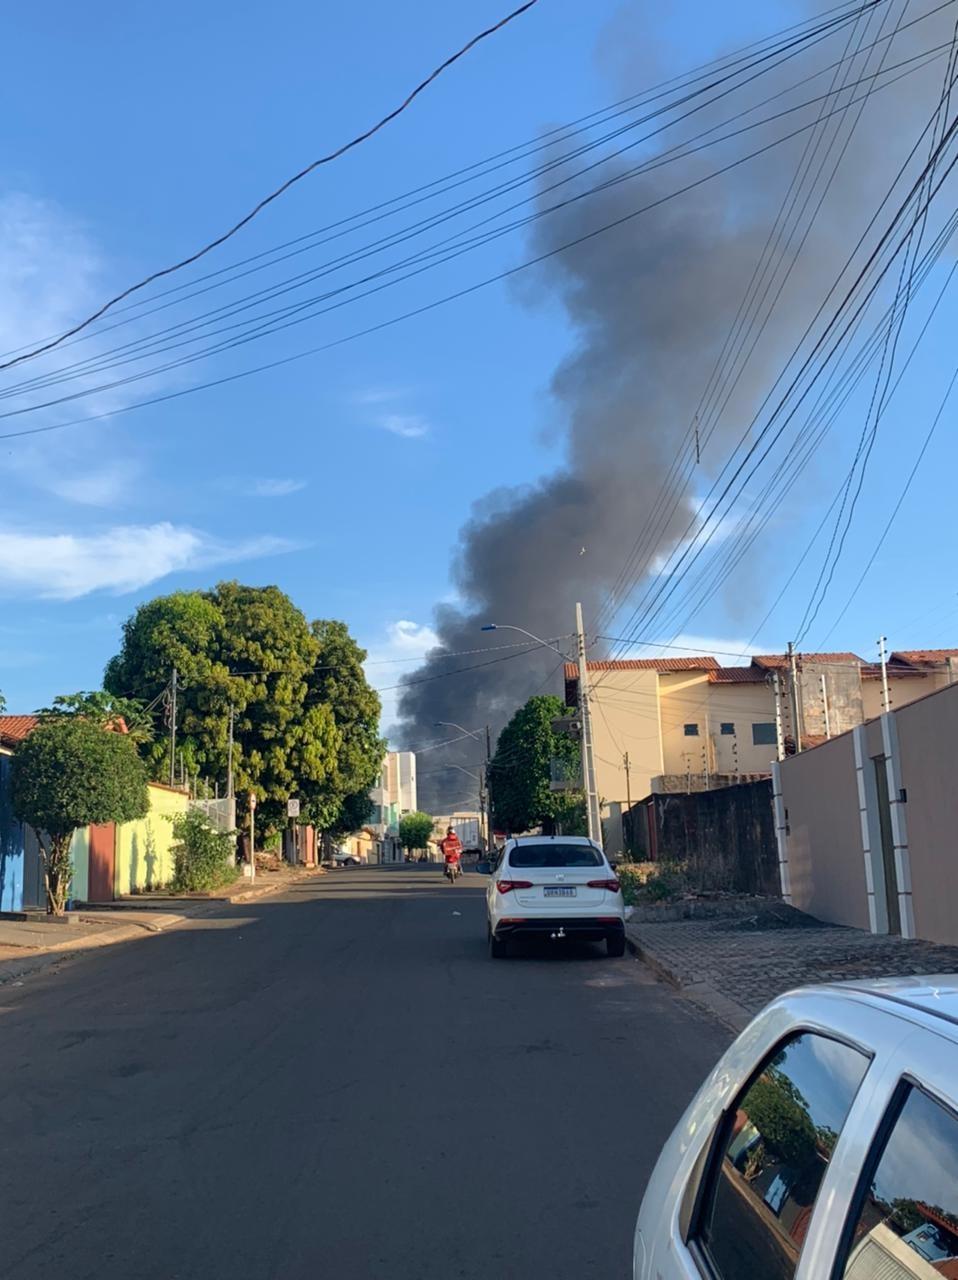 Fogo atinge depósito de canos e causa grande nuvem de fumaça preta em Araguaína